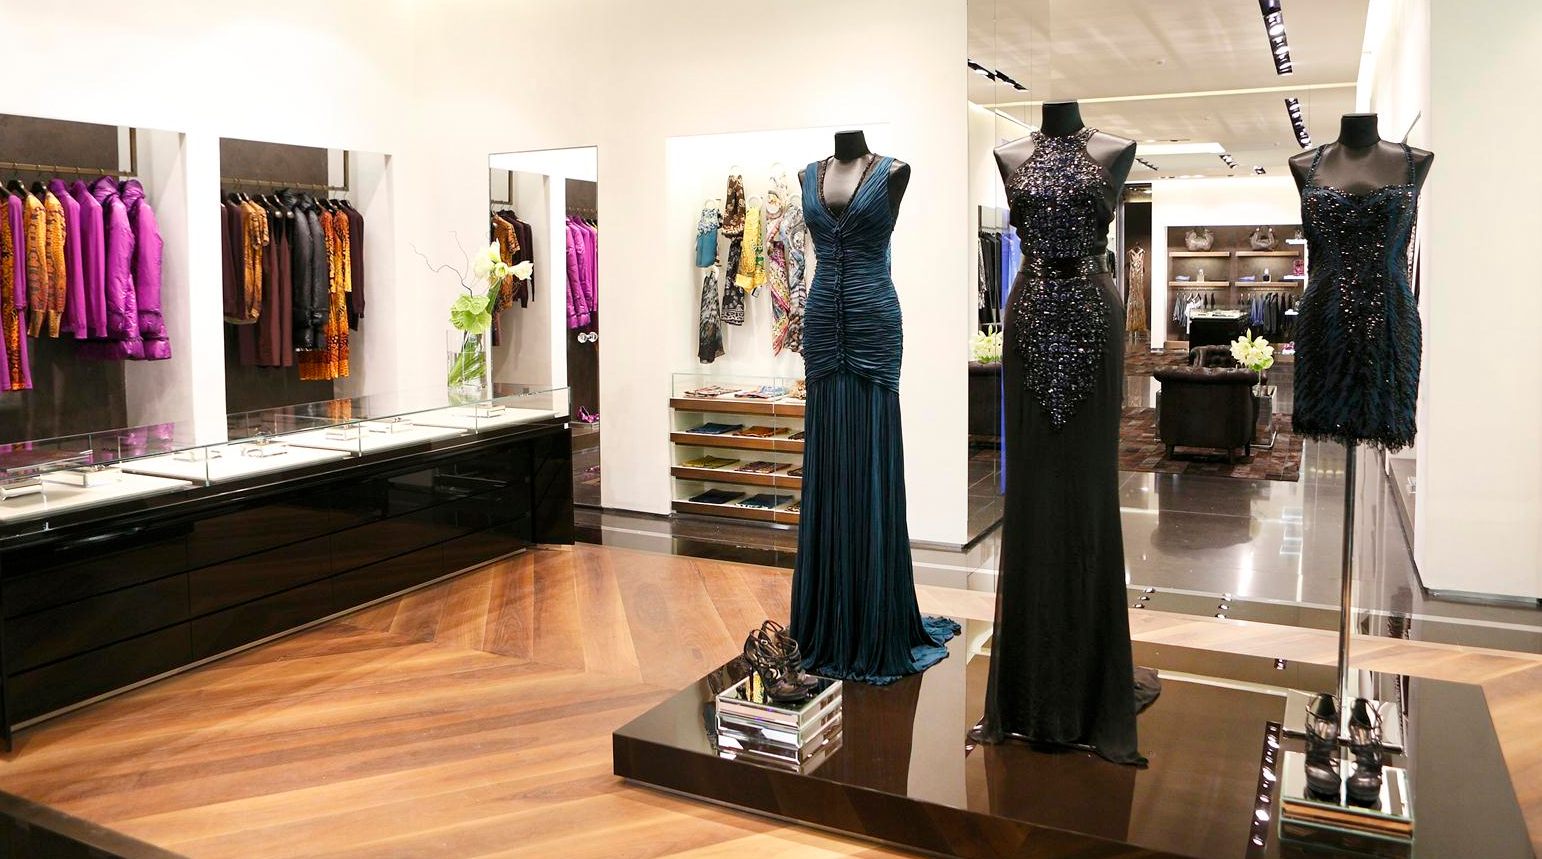 571f4f64e165 Бизнес-идея открытия магазина женской одежды - RealyBiz.ru